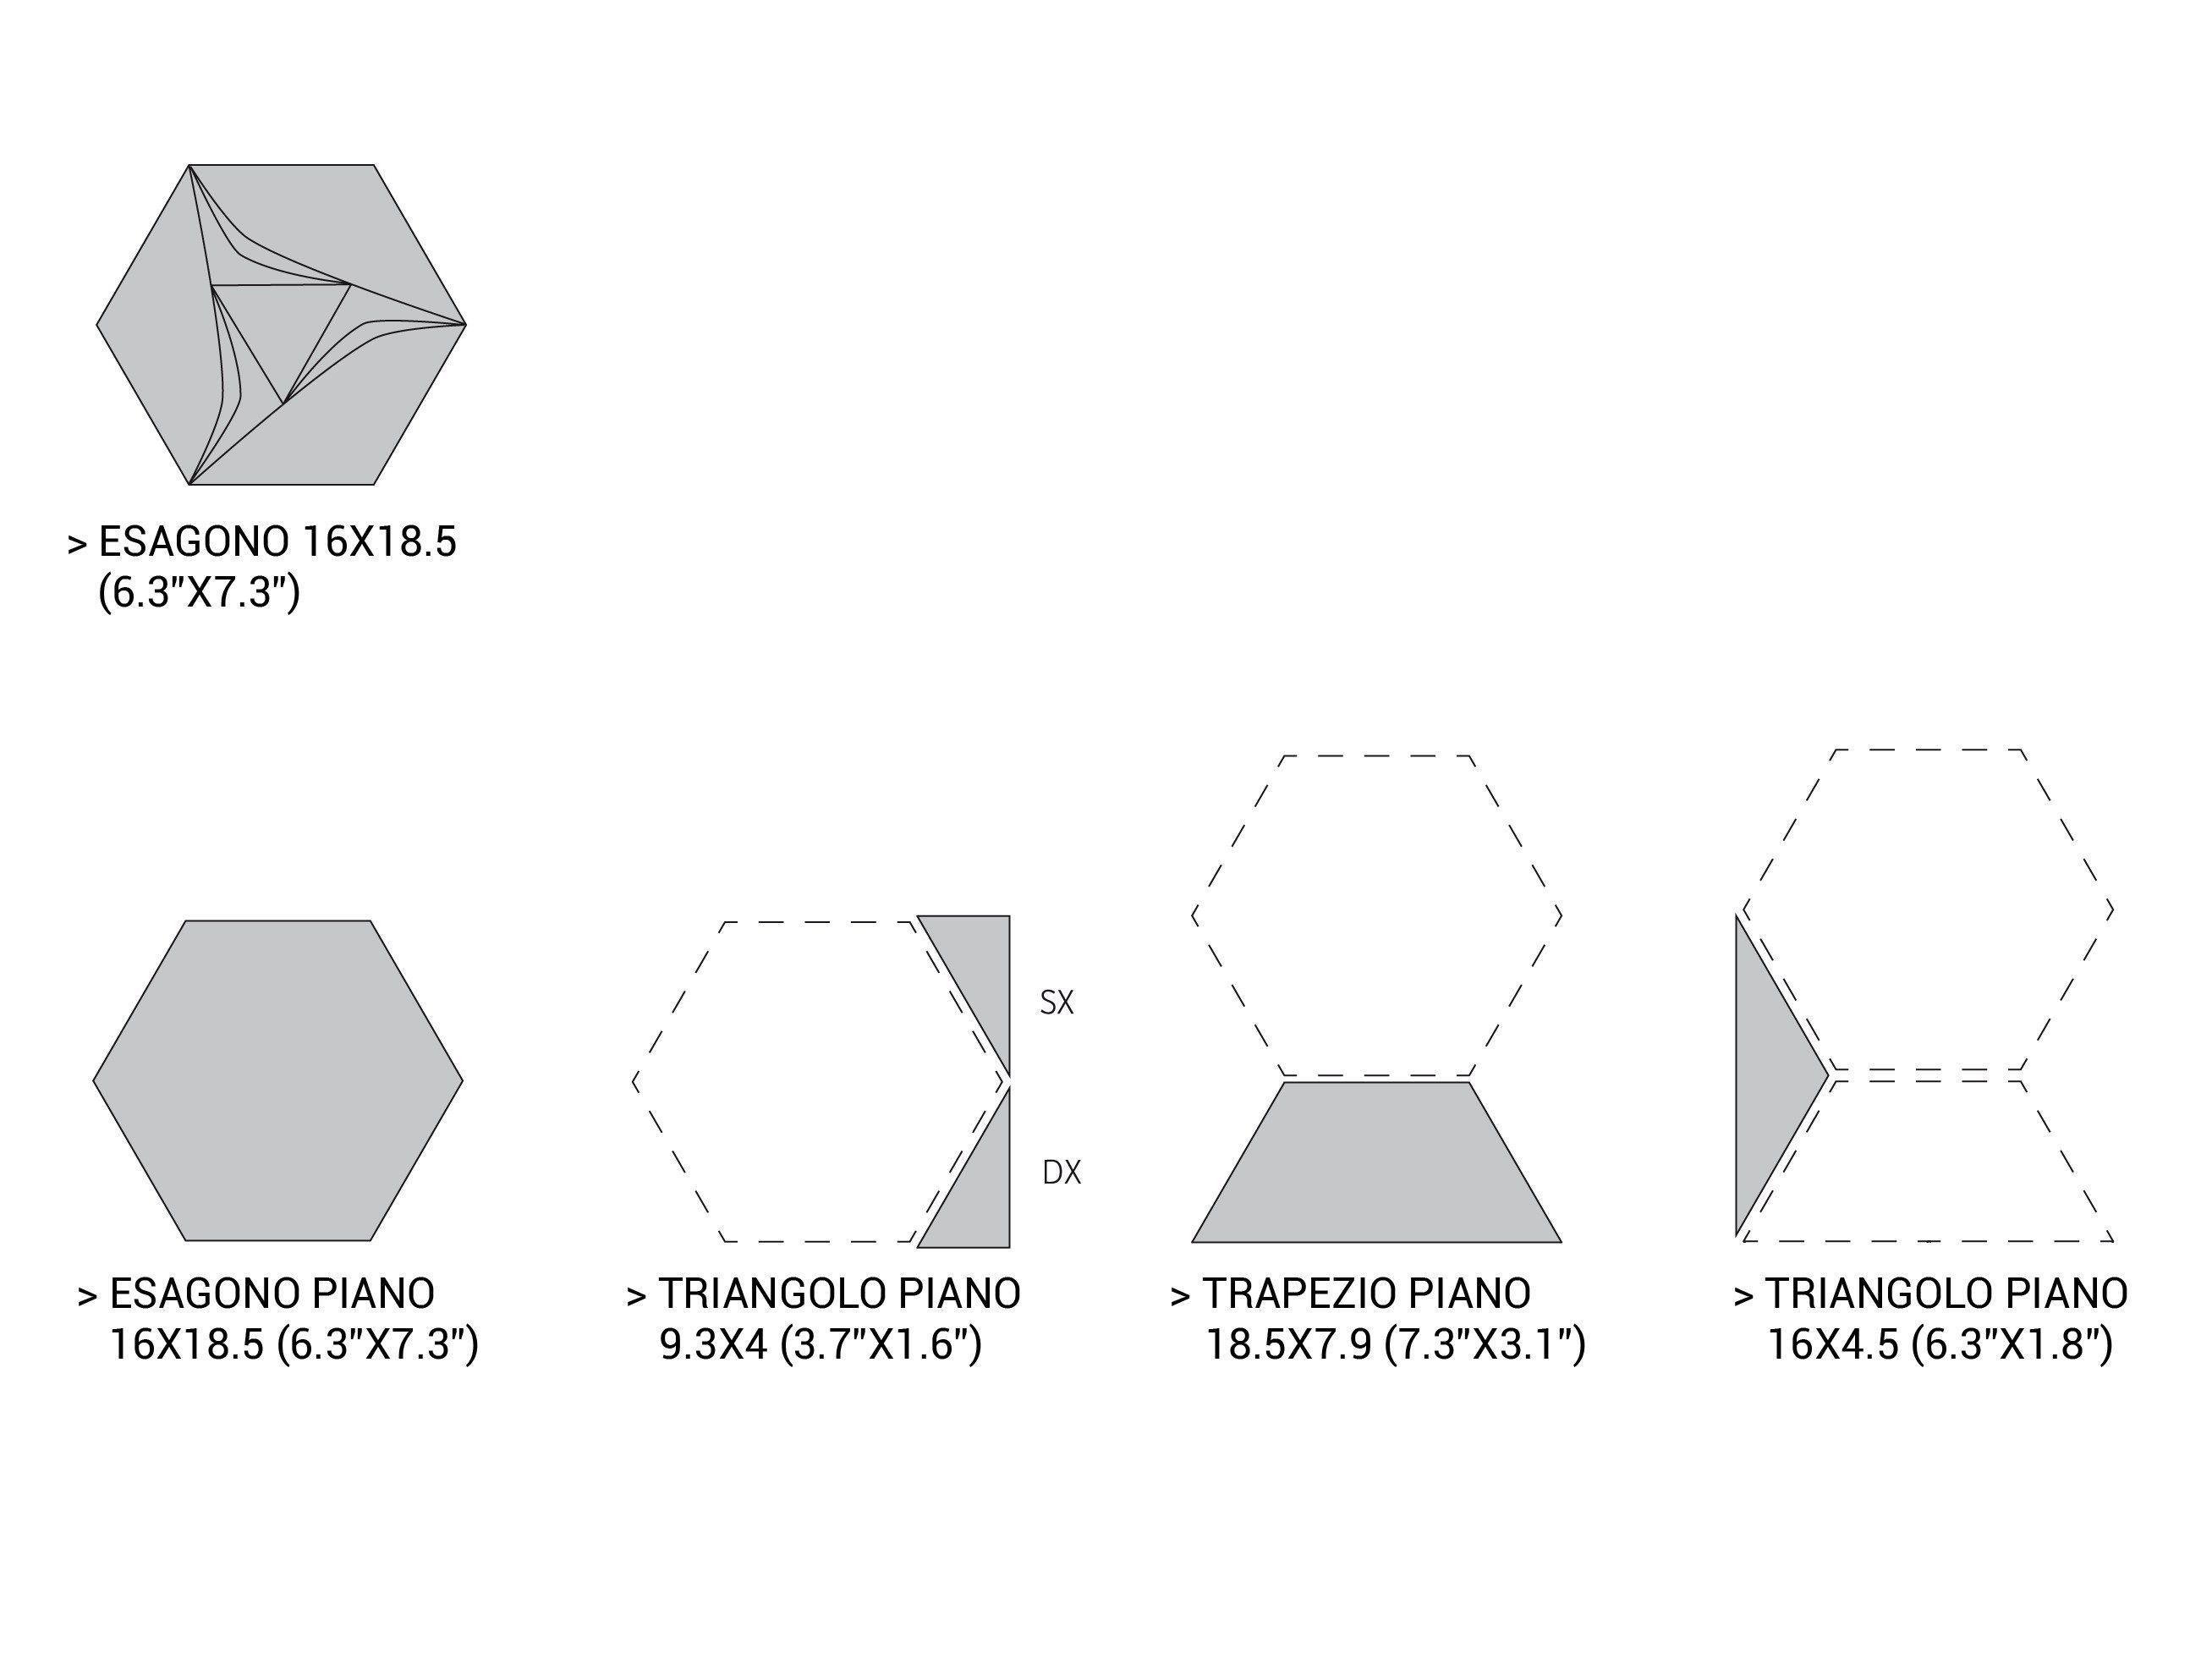 Piastrelle con superficie tridimensionale in ceramica bicottura per interni C...